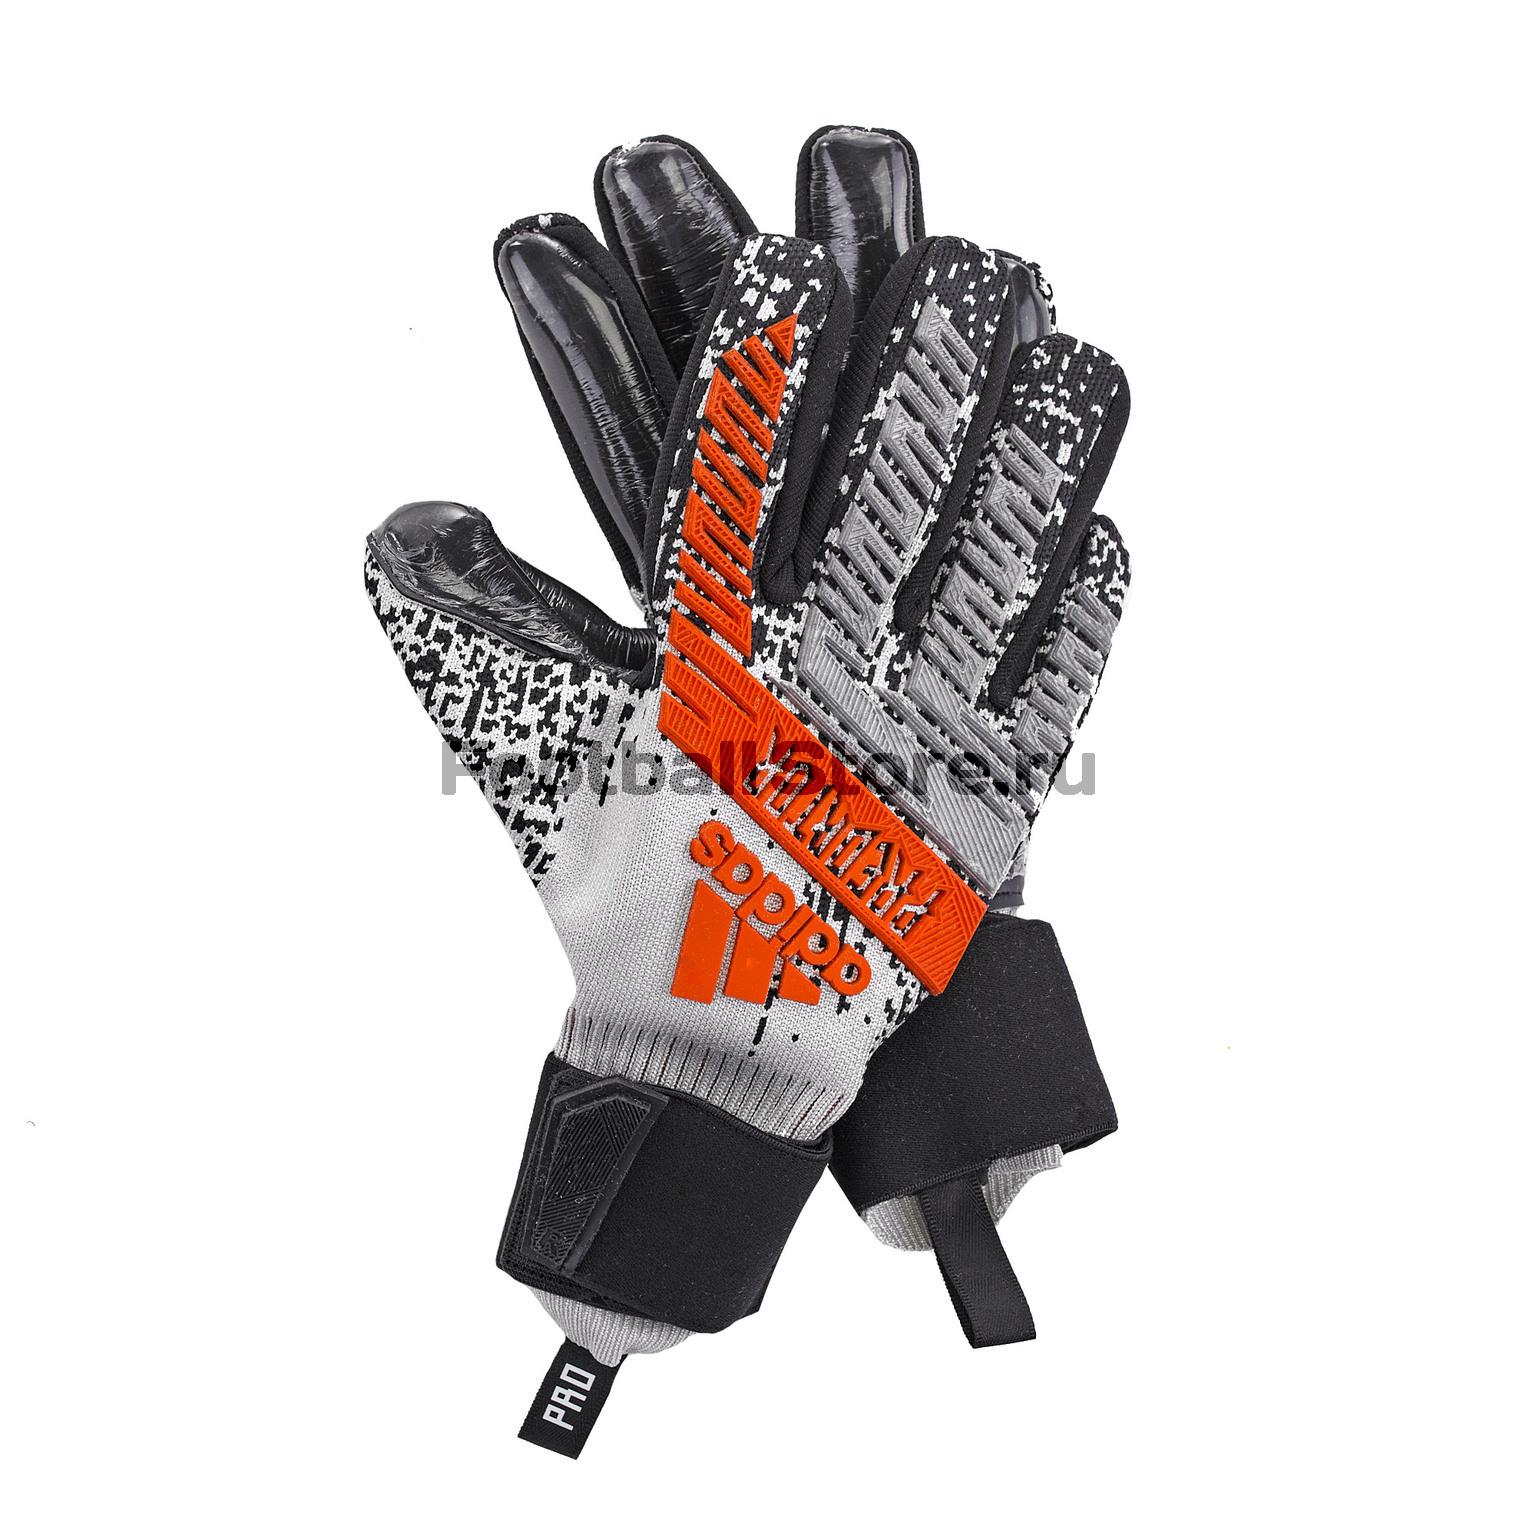 купить Перчатки вратарские Adidas Predator Pro DY2594 недорого